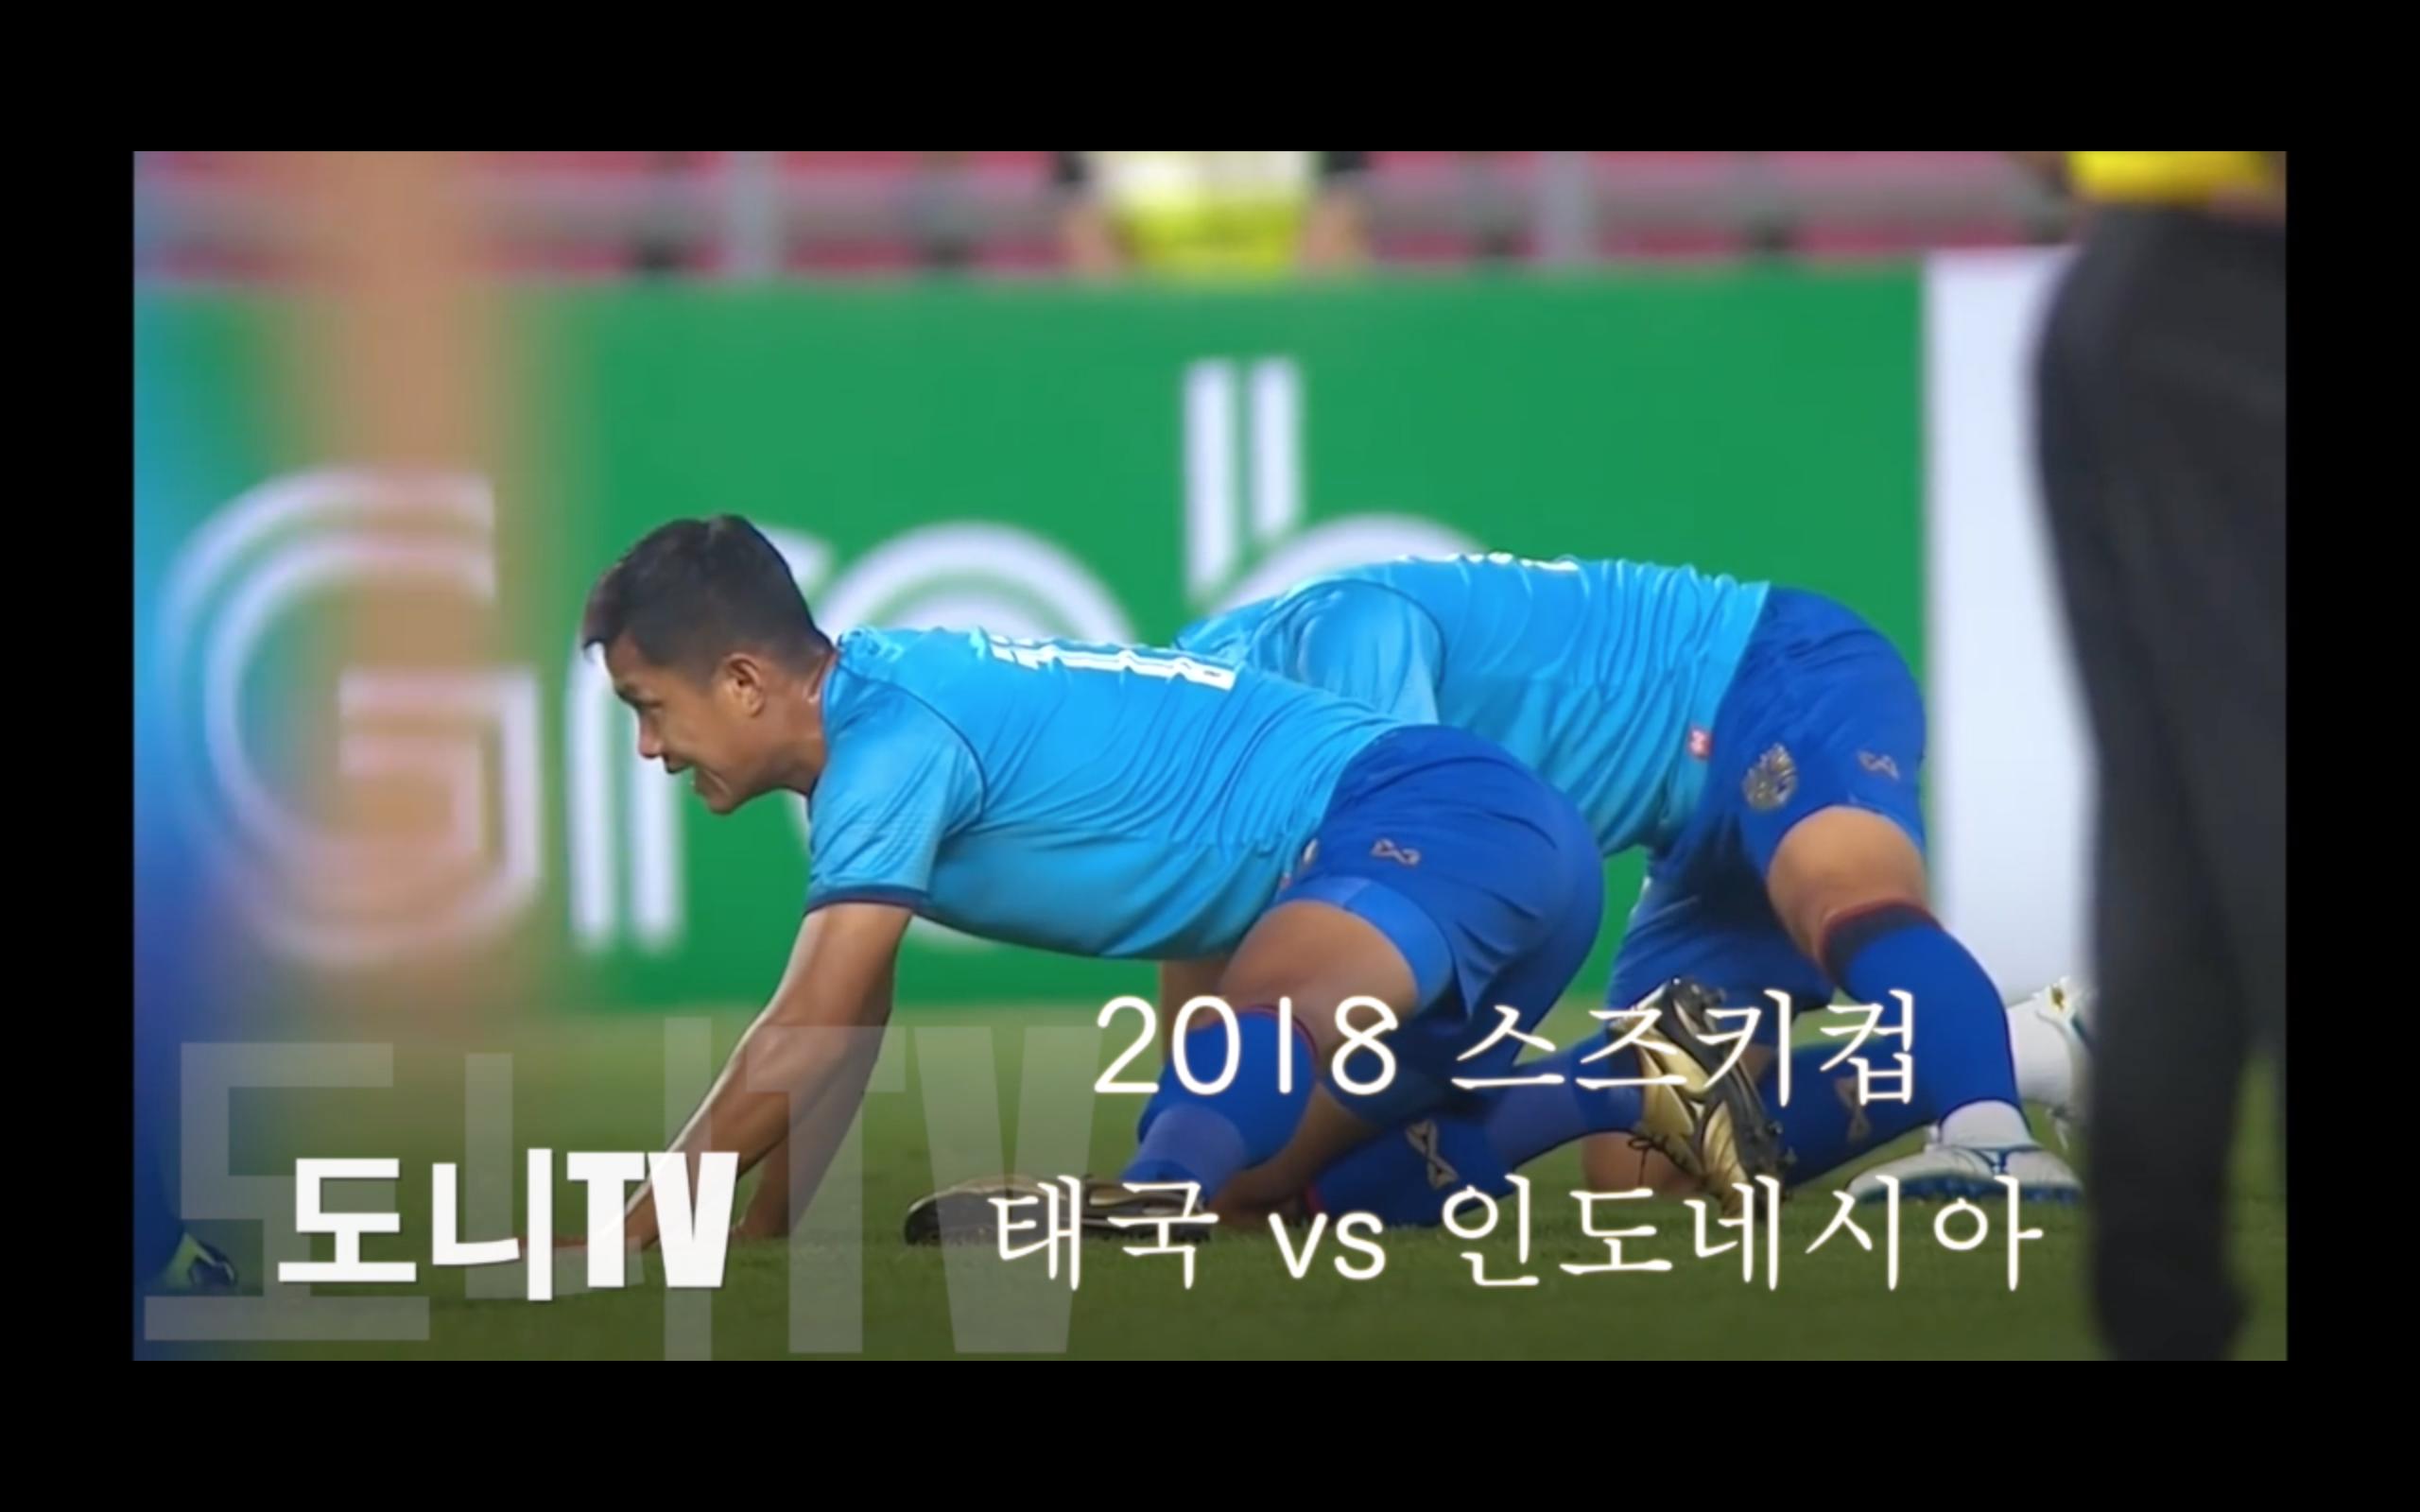 [2018스즈키컵] 태국 vs 인도네시아 2분 하이라이트